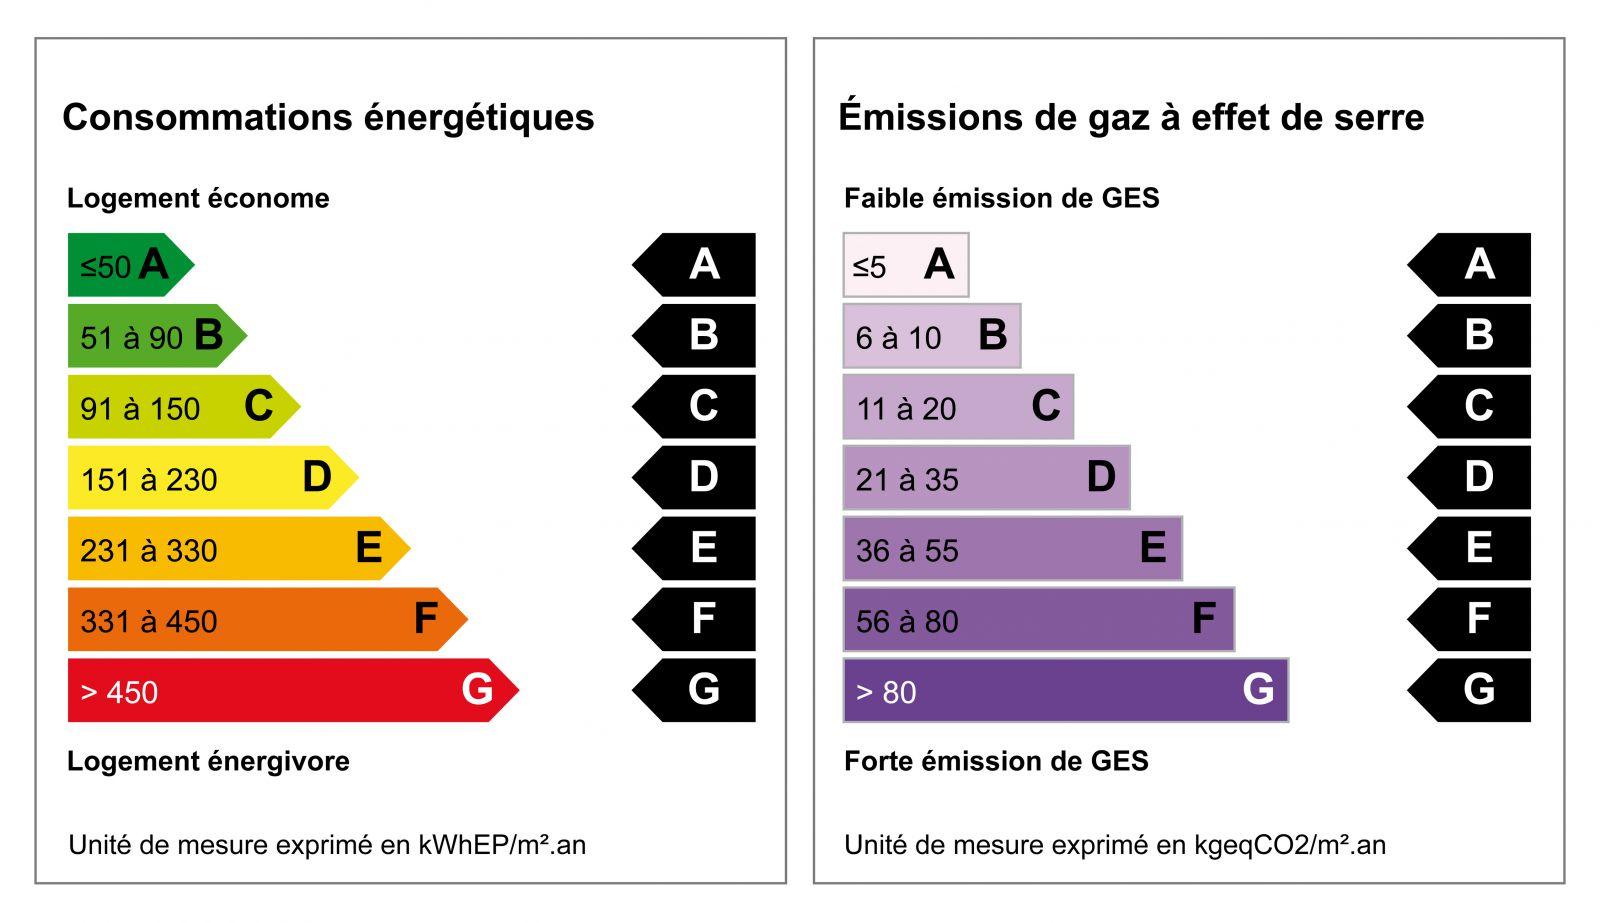 Diagnostique performances énergétiques (DPE)